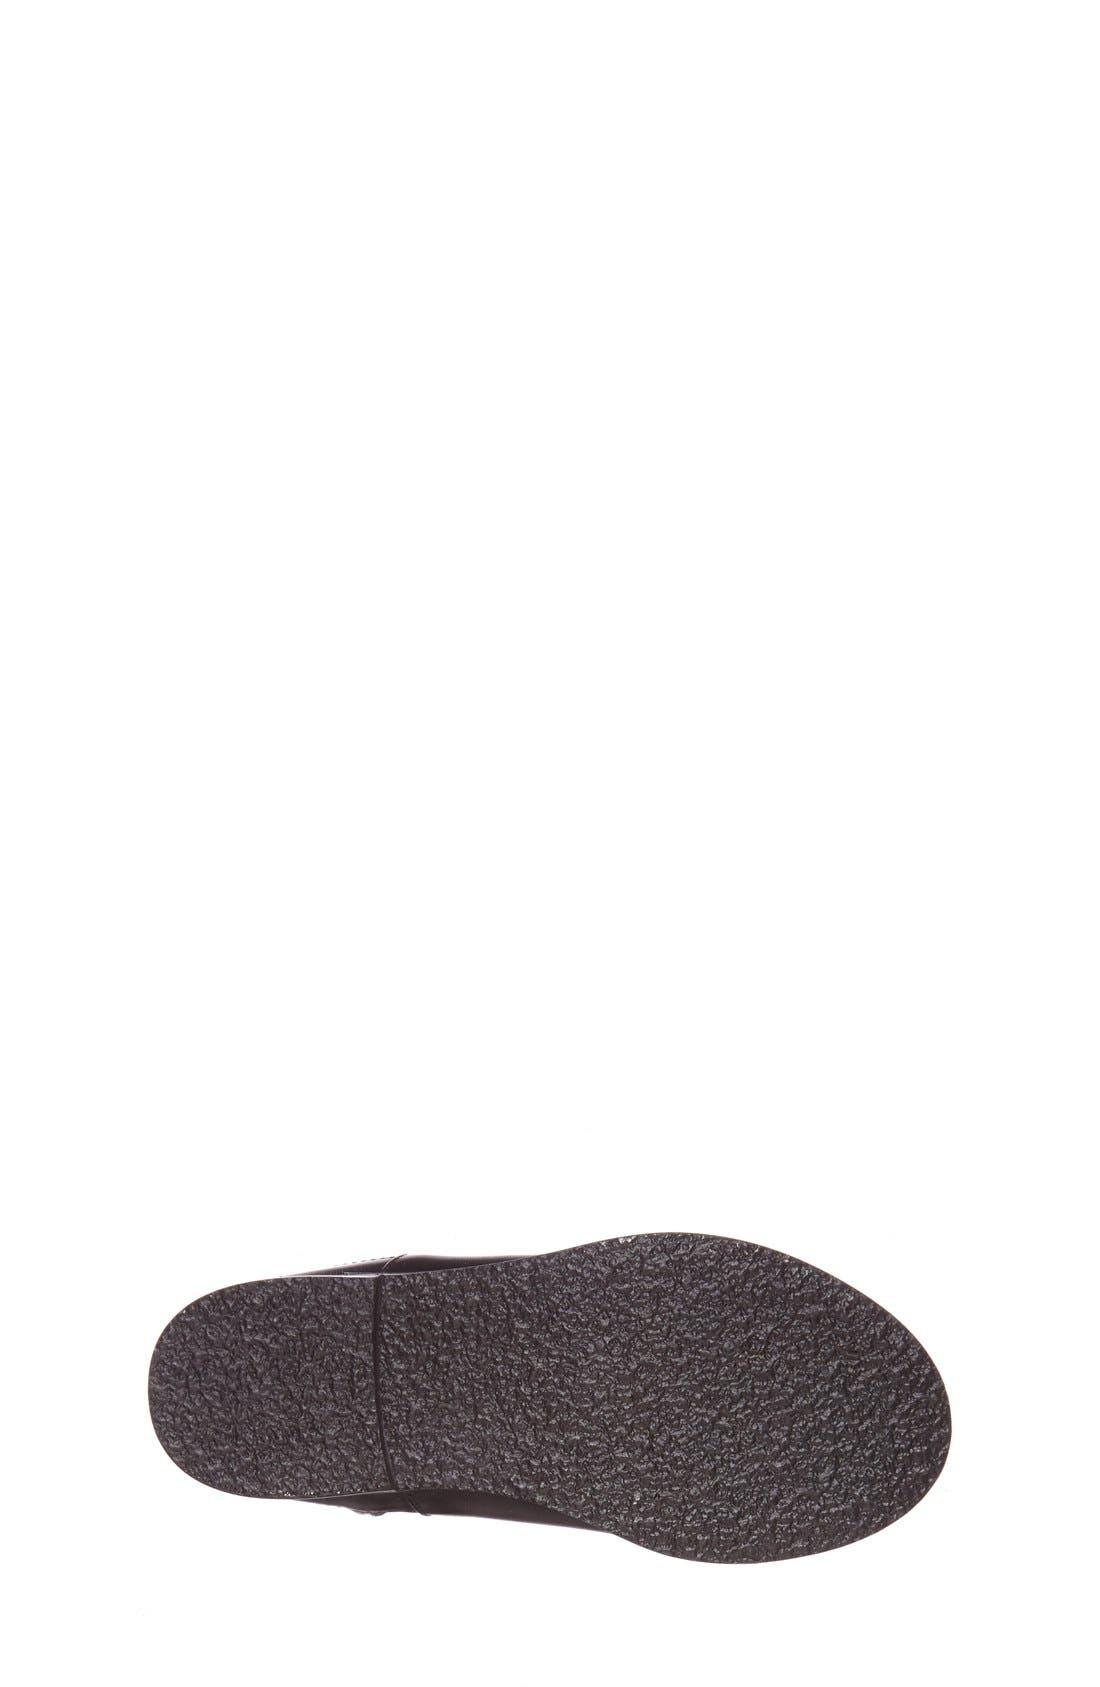 'Mini Richardson' Leather Boot,                             Alternate thumbnail 4, color,                             Black Leather